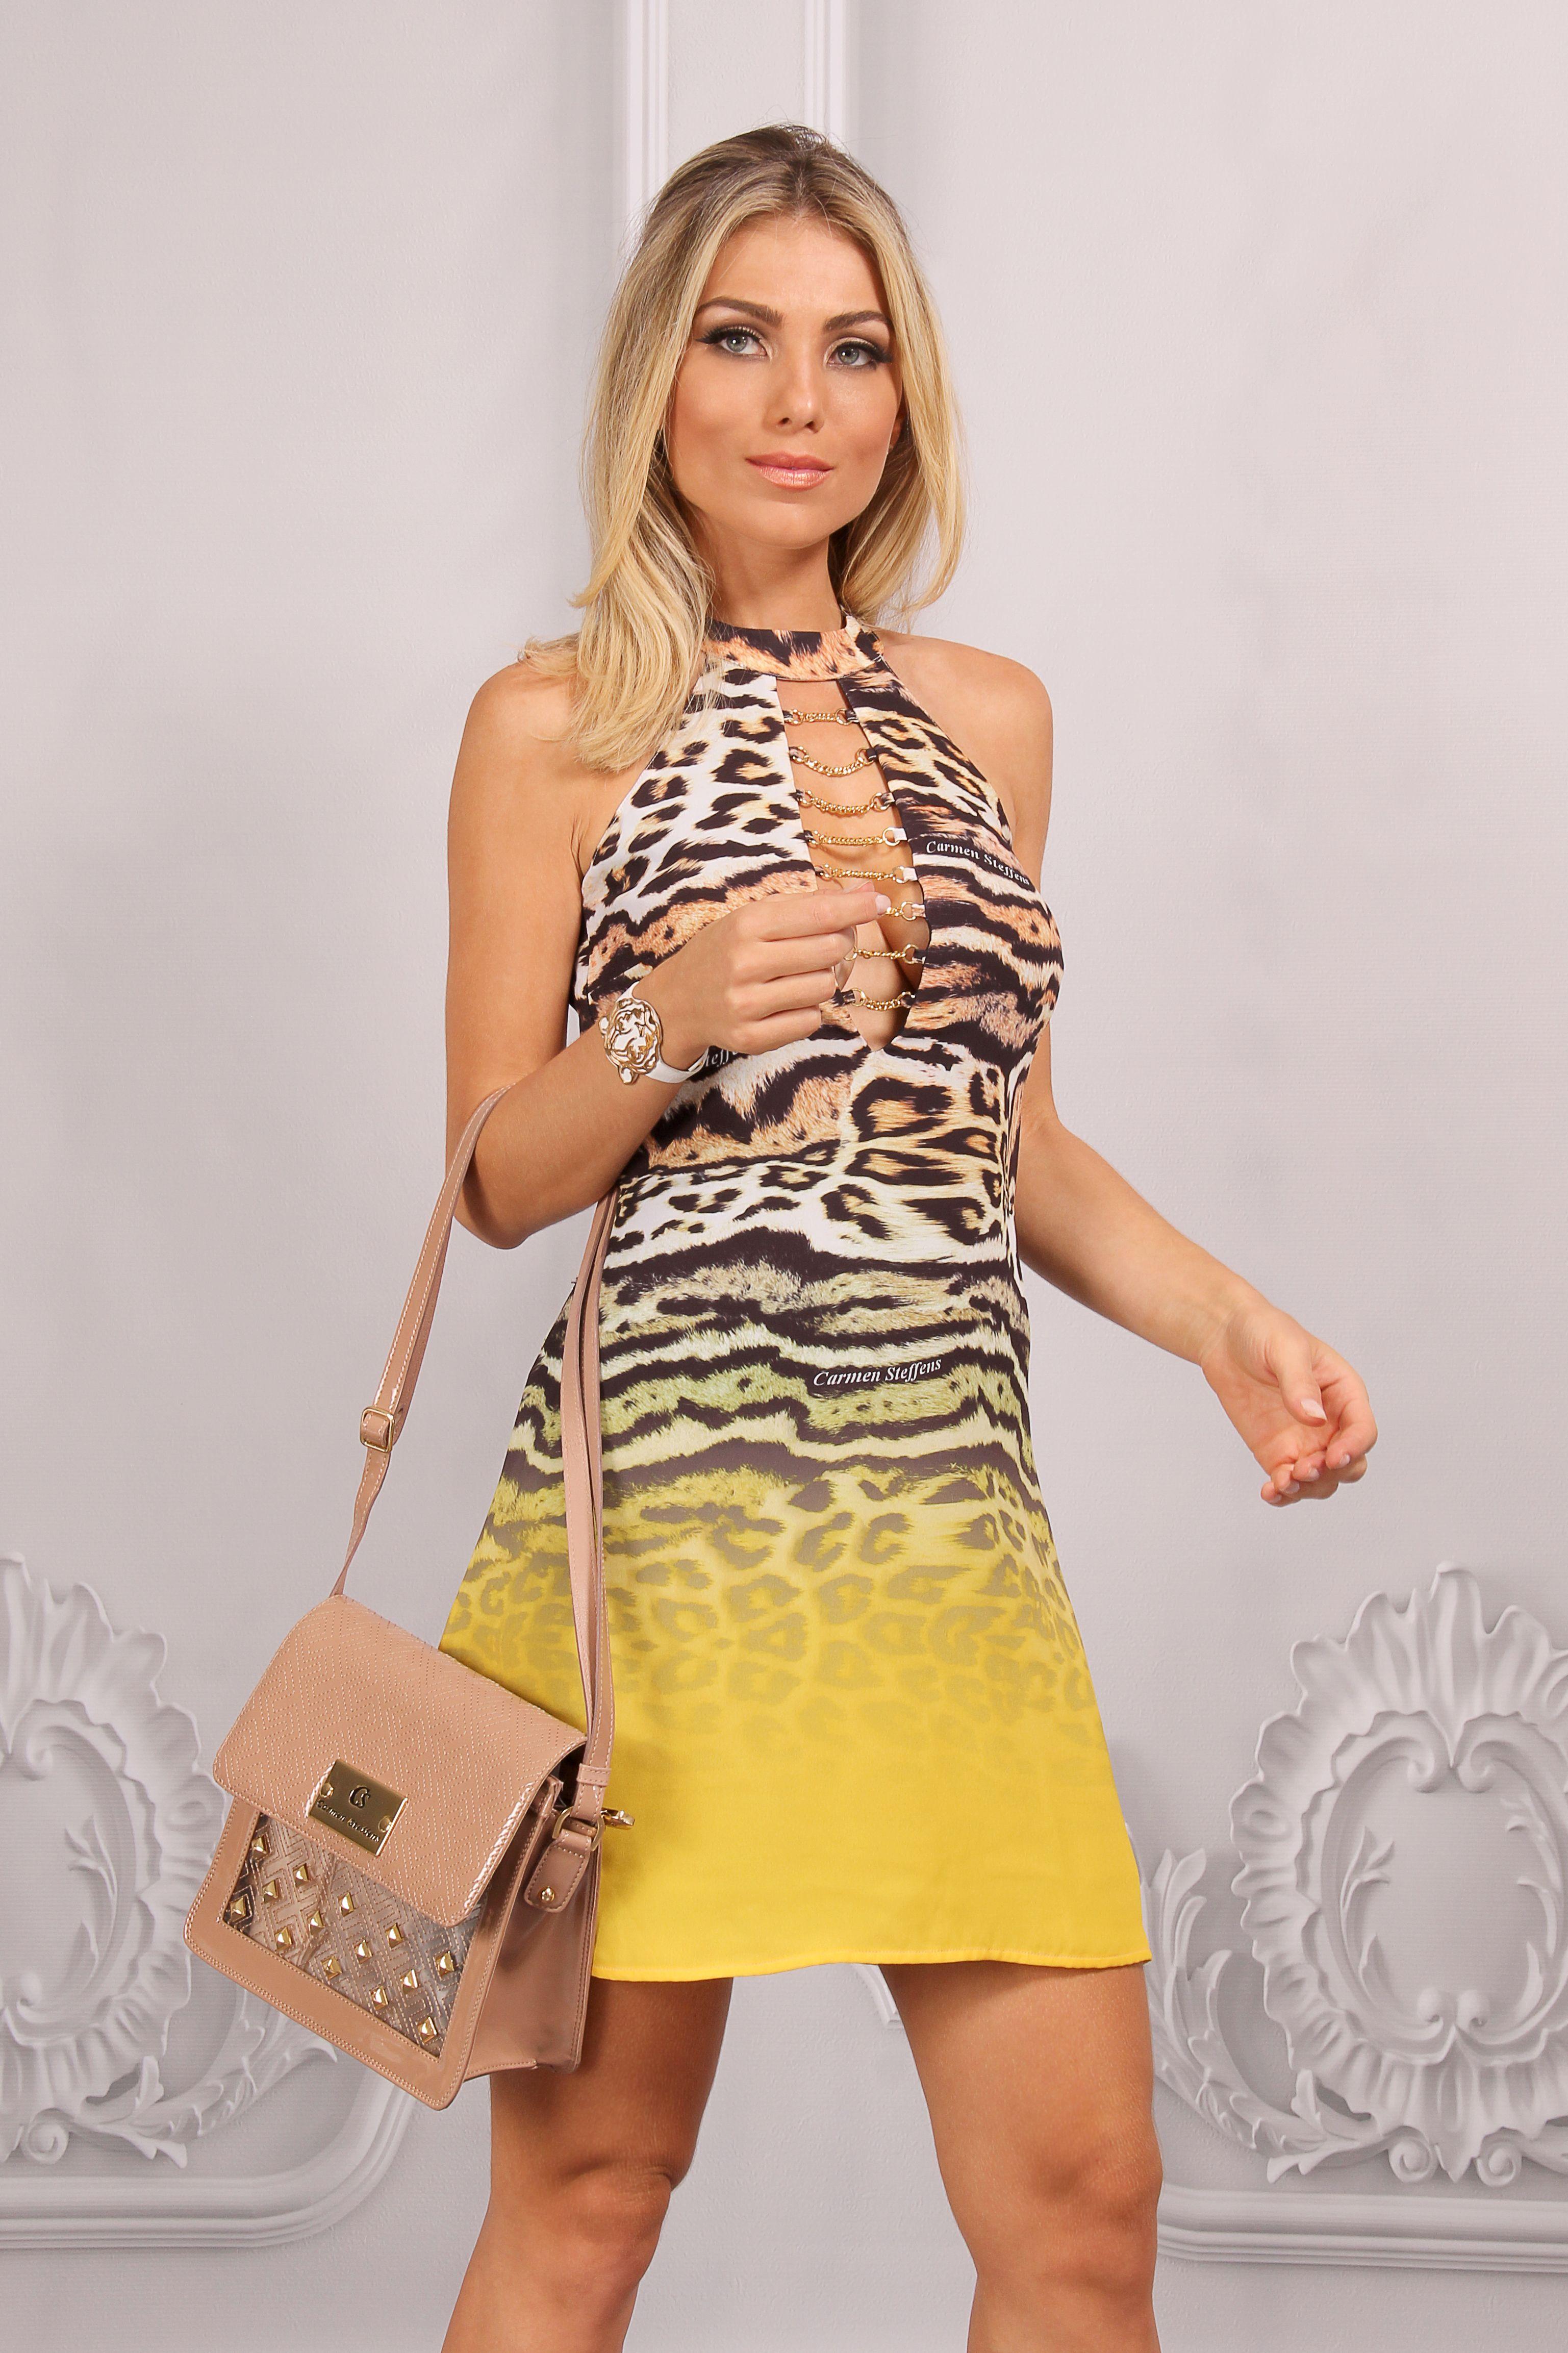 Vestido Animal Print Carmen Steffens com decote valorizado pelas correntes  douradas! Equilibrando a produção, bolsa em tom neutro com texturas  geométricas e ... 39eb280053